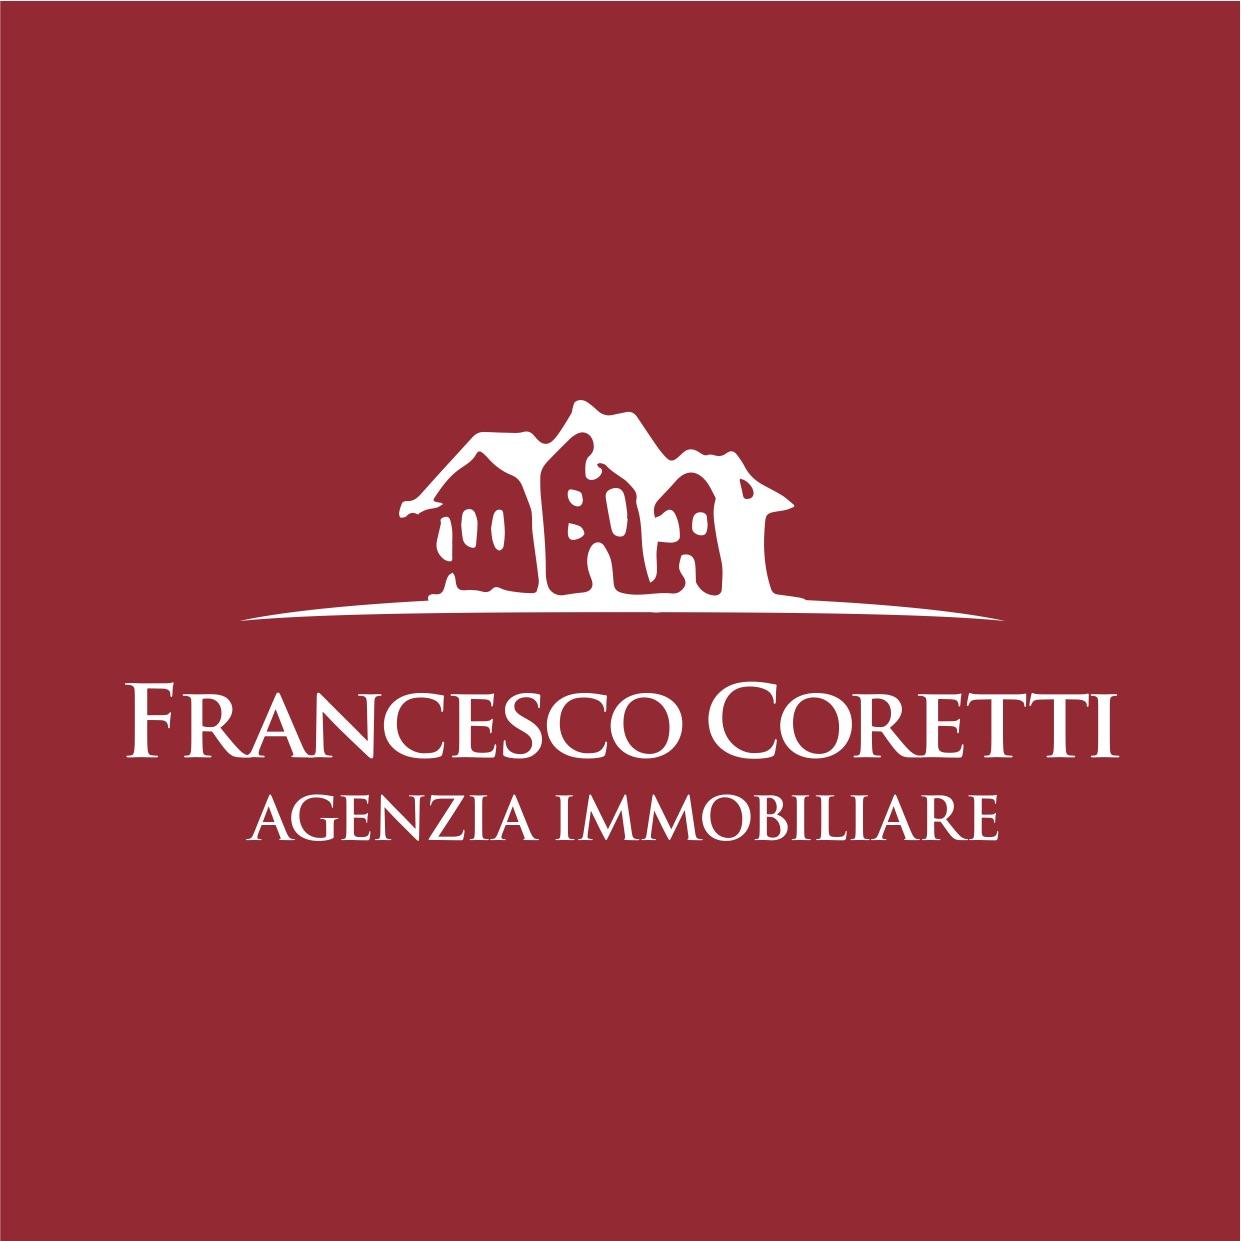 Francesco coretti agenzia immobiliare di trento propone immobili in vendita e affitto a trento - Agenzia immobiliare gonzaga ...